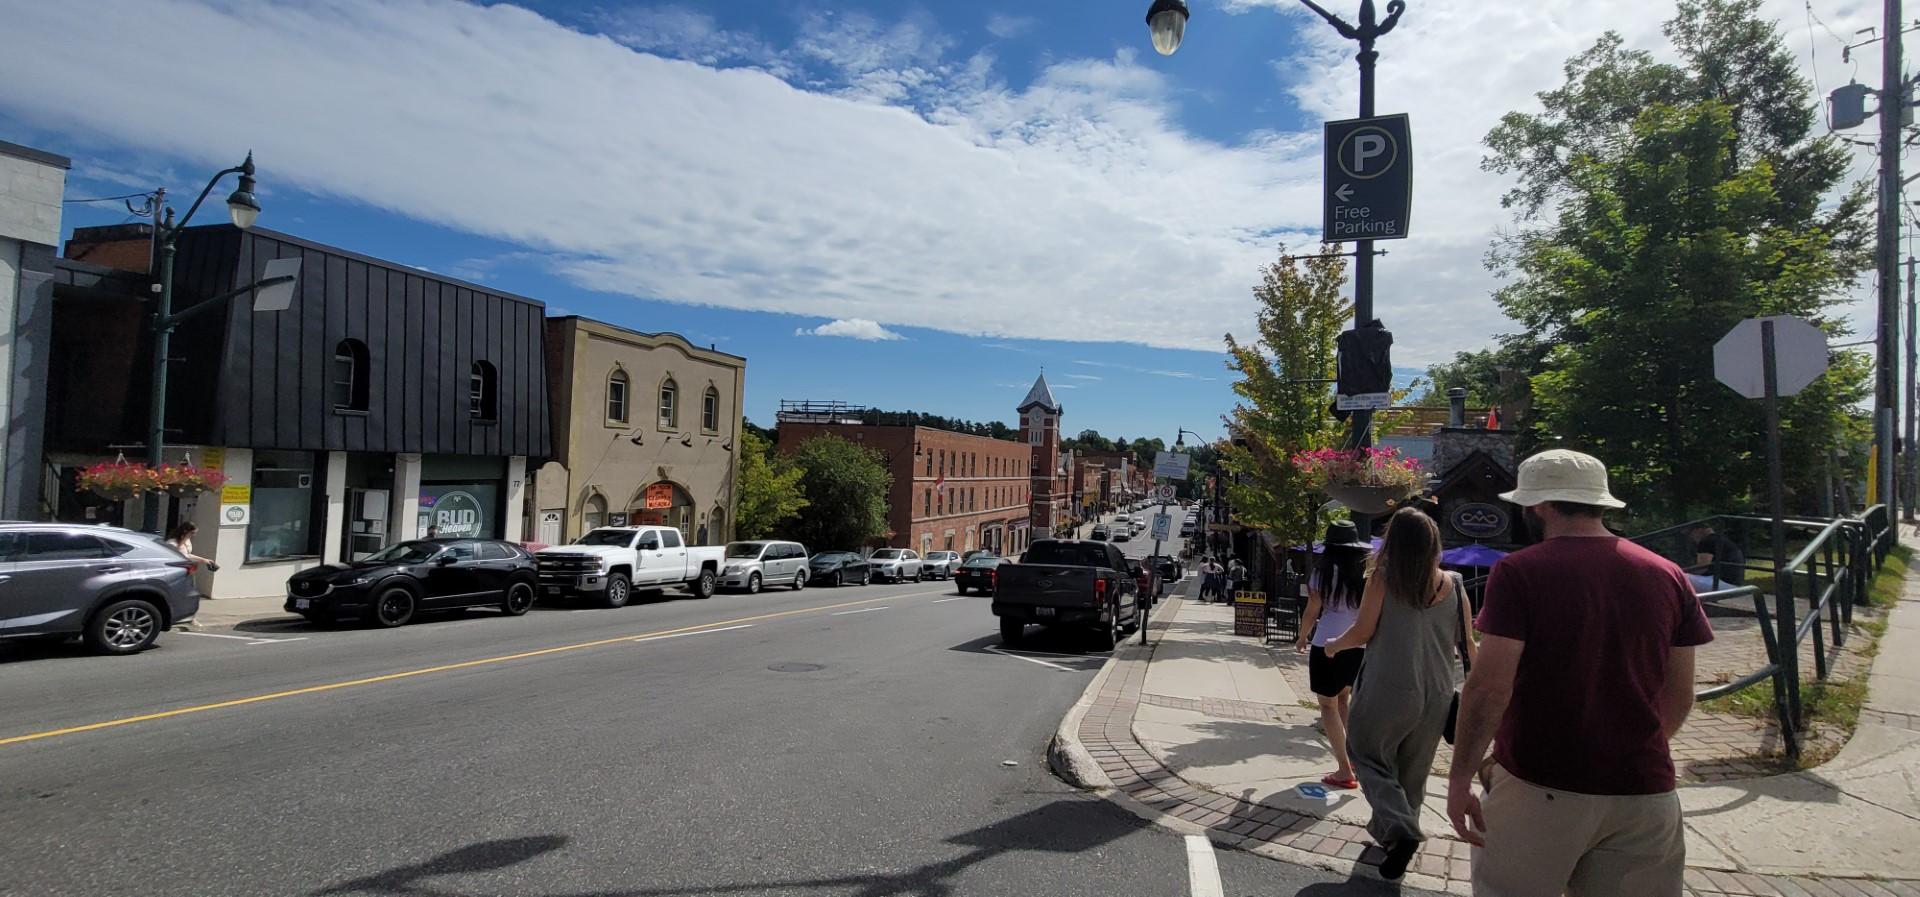 blue skies and buildings in downtown Bracebridge